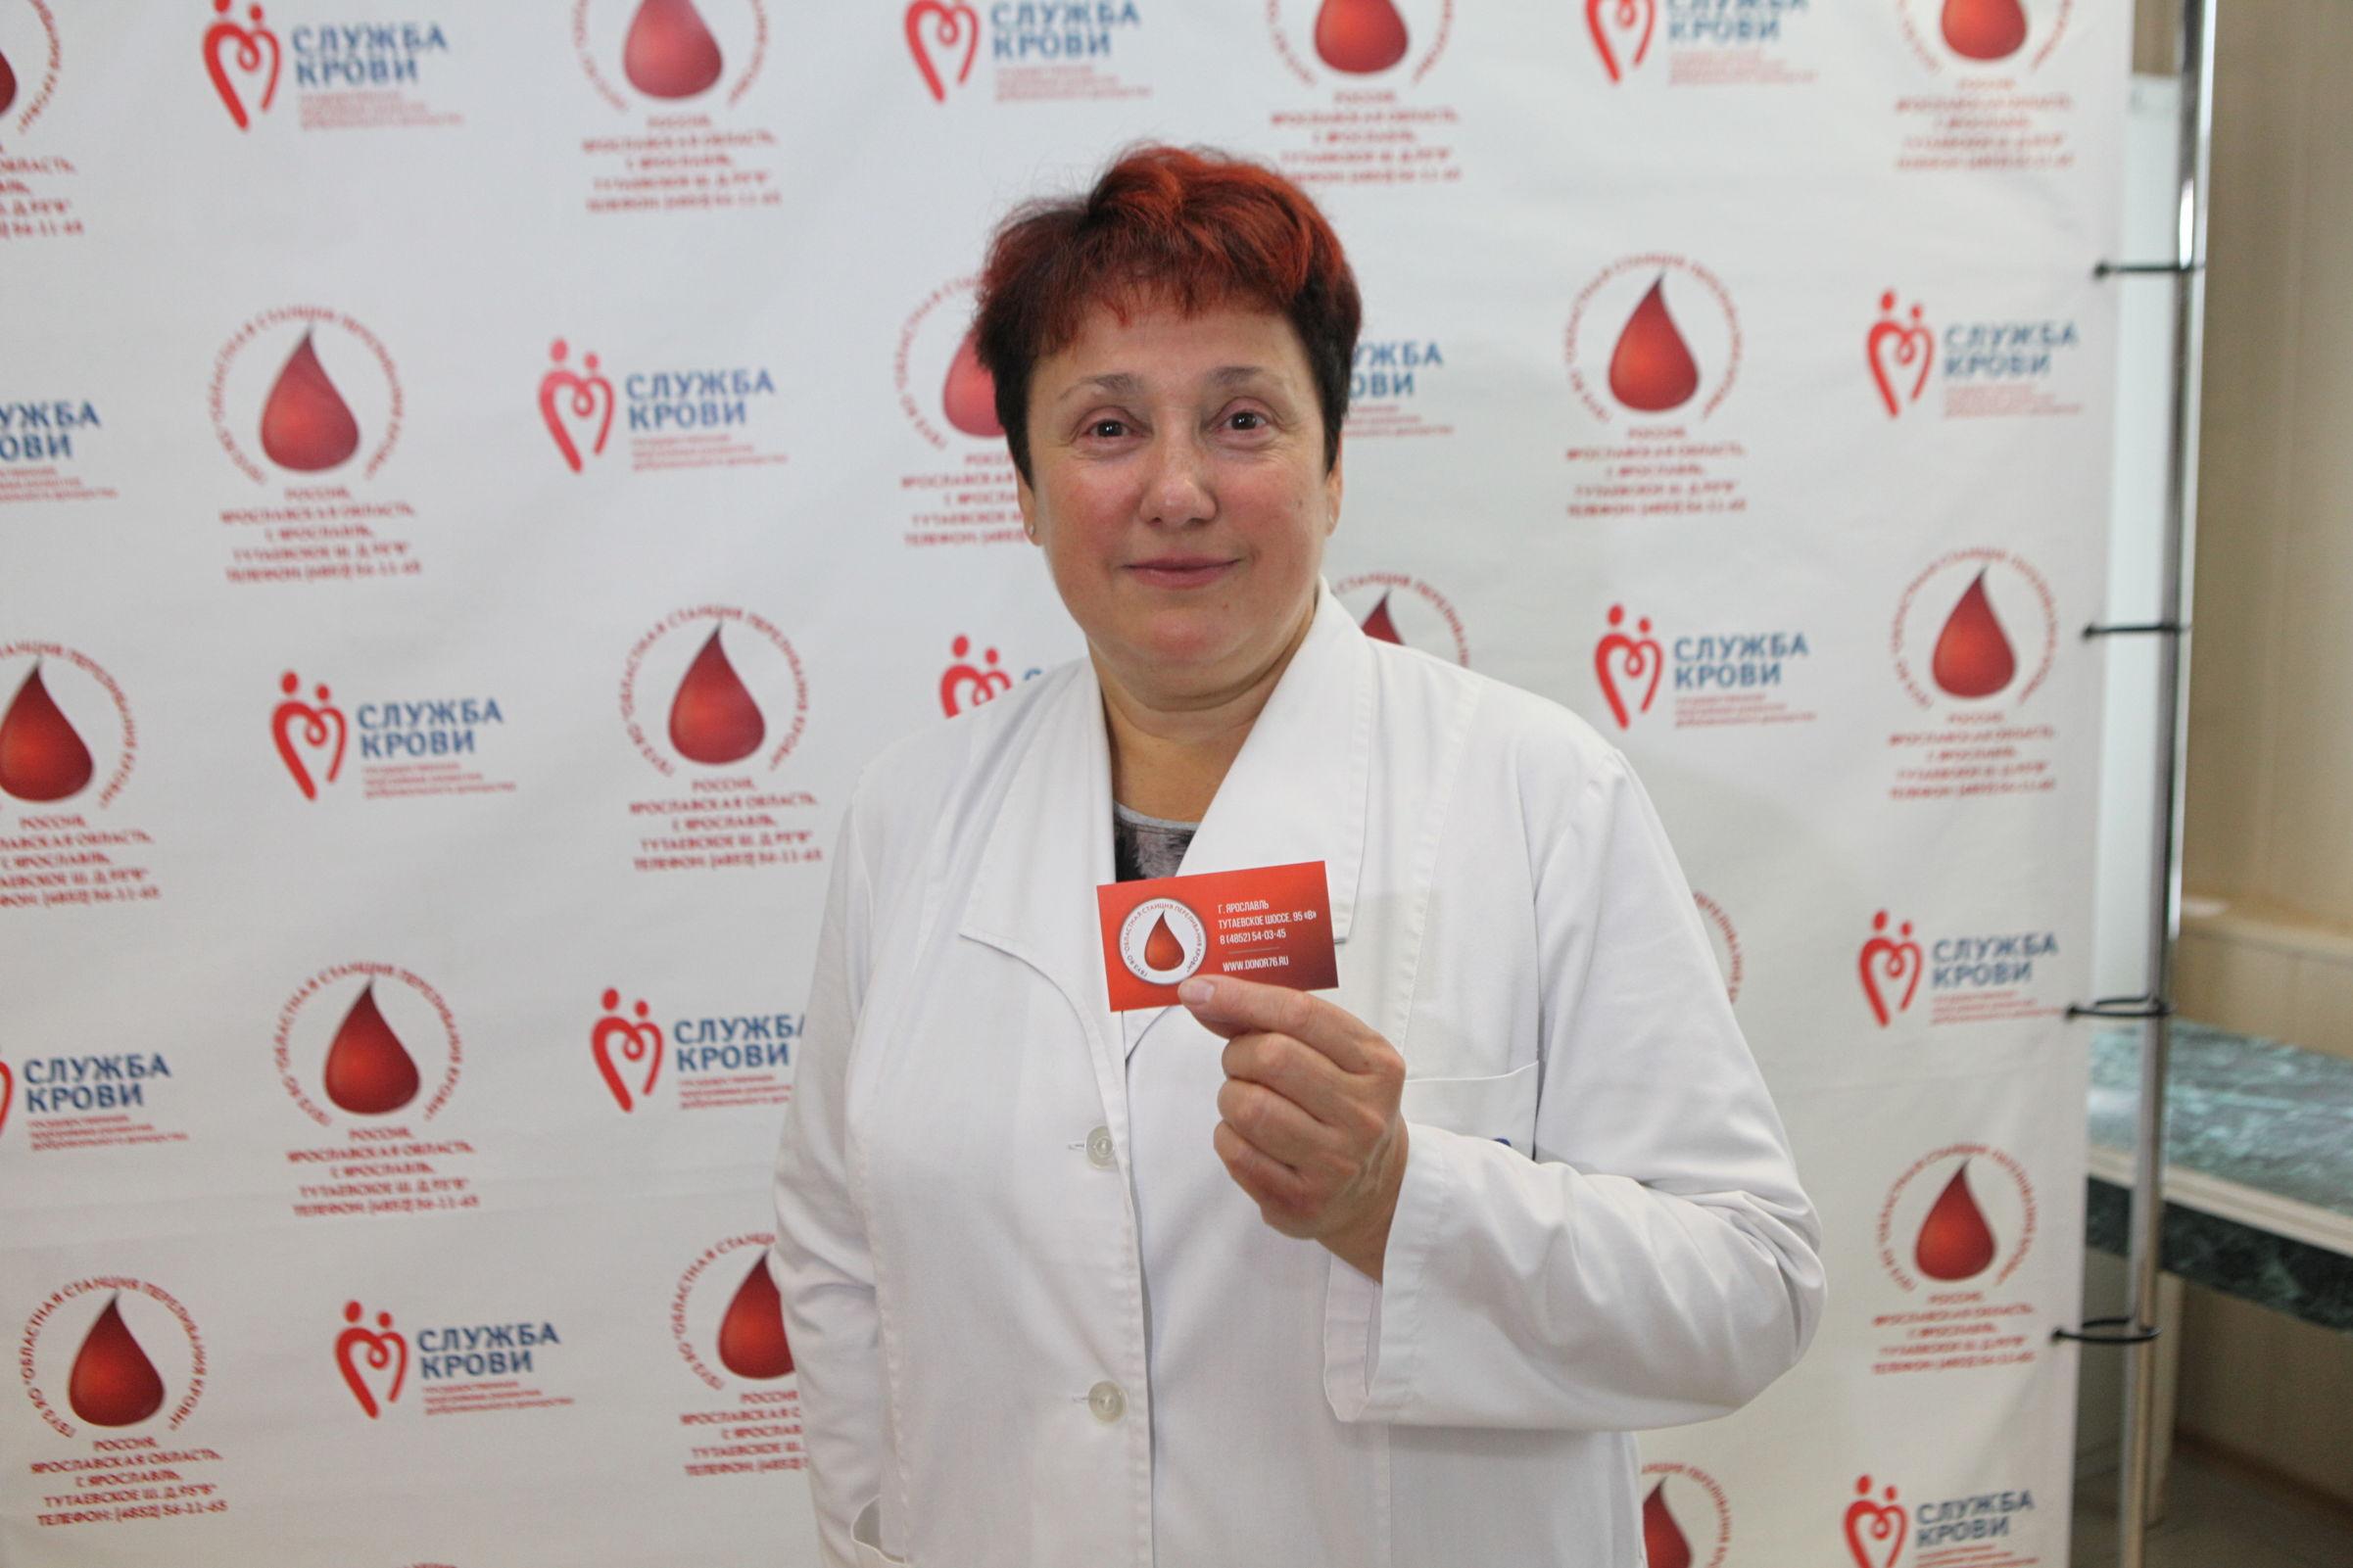 В Ярославле презентовали программу лояльности для доноров